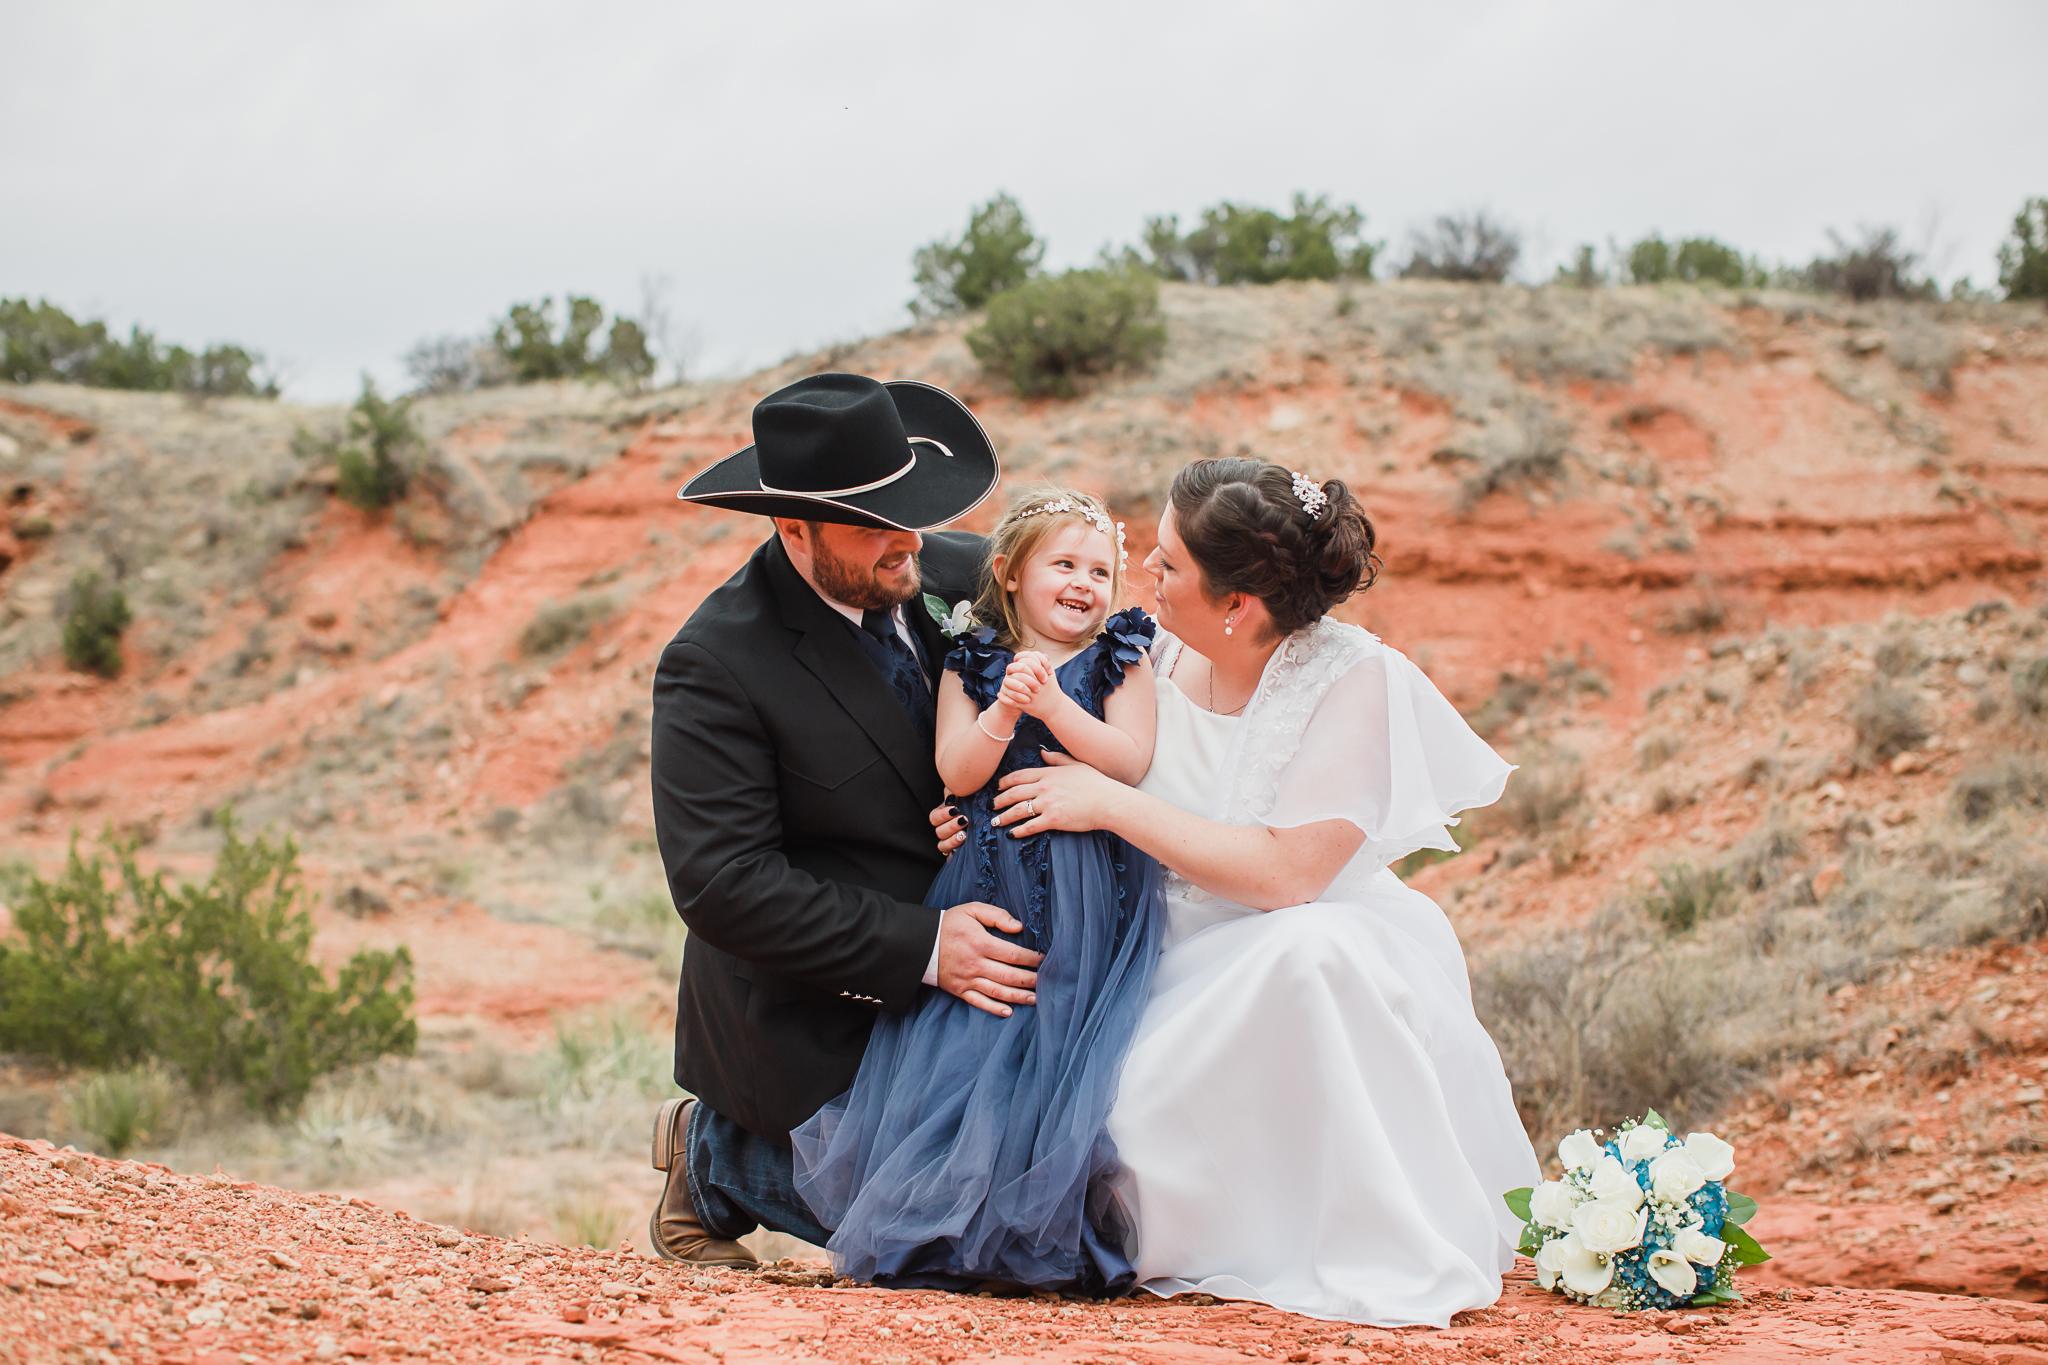 elopement photographer-24.jpg